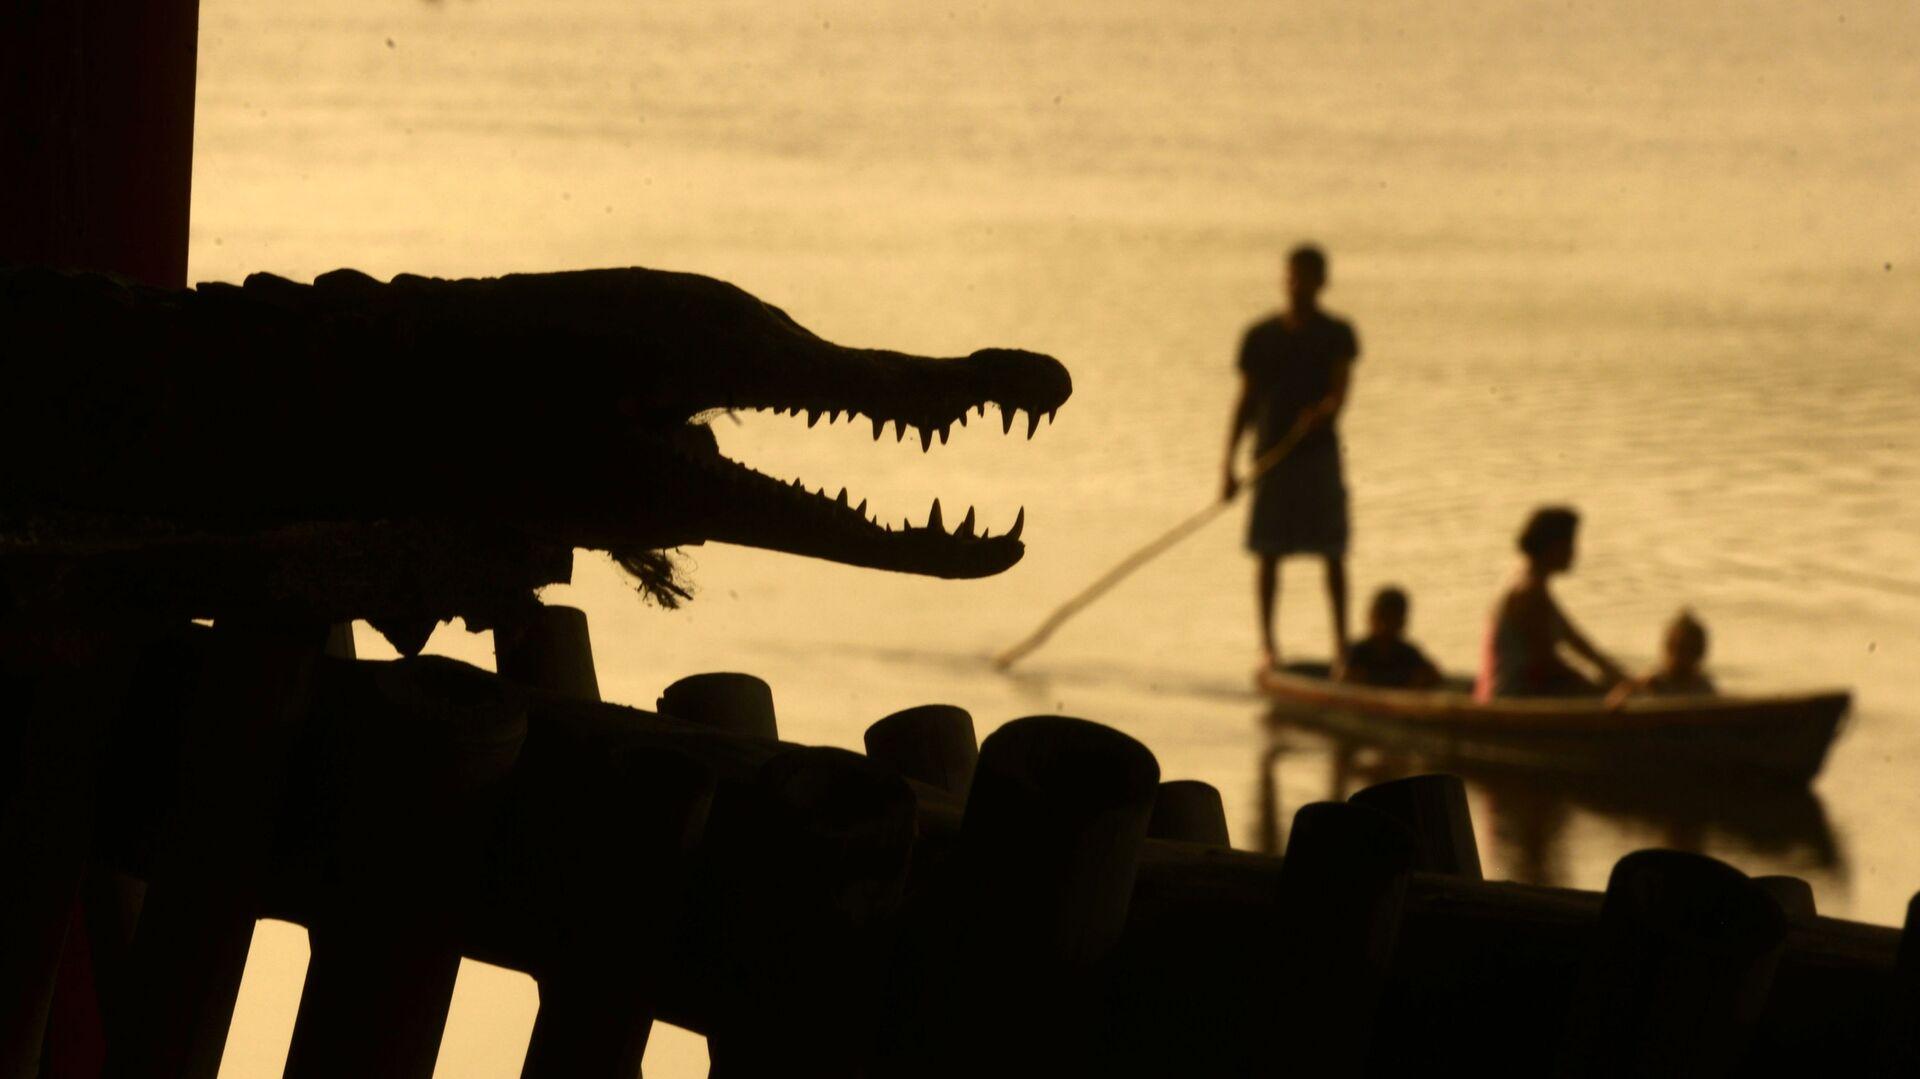 Muži loví ryby vedle krokodýla v Barra de Santiago. Salvador. - Sputnik Česká republika, 1920, 27.07.2021